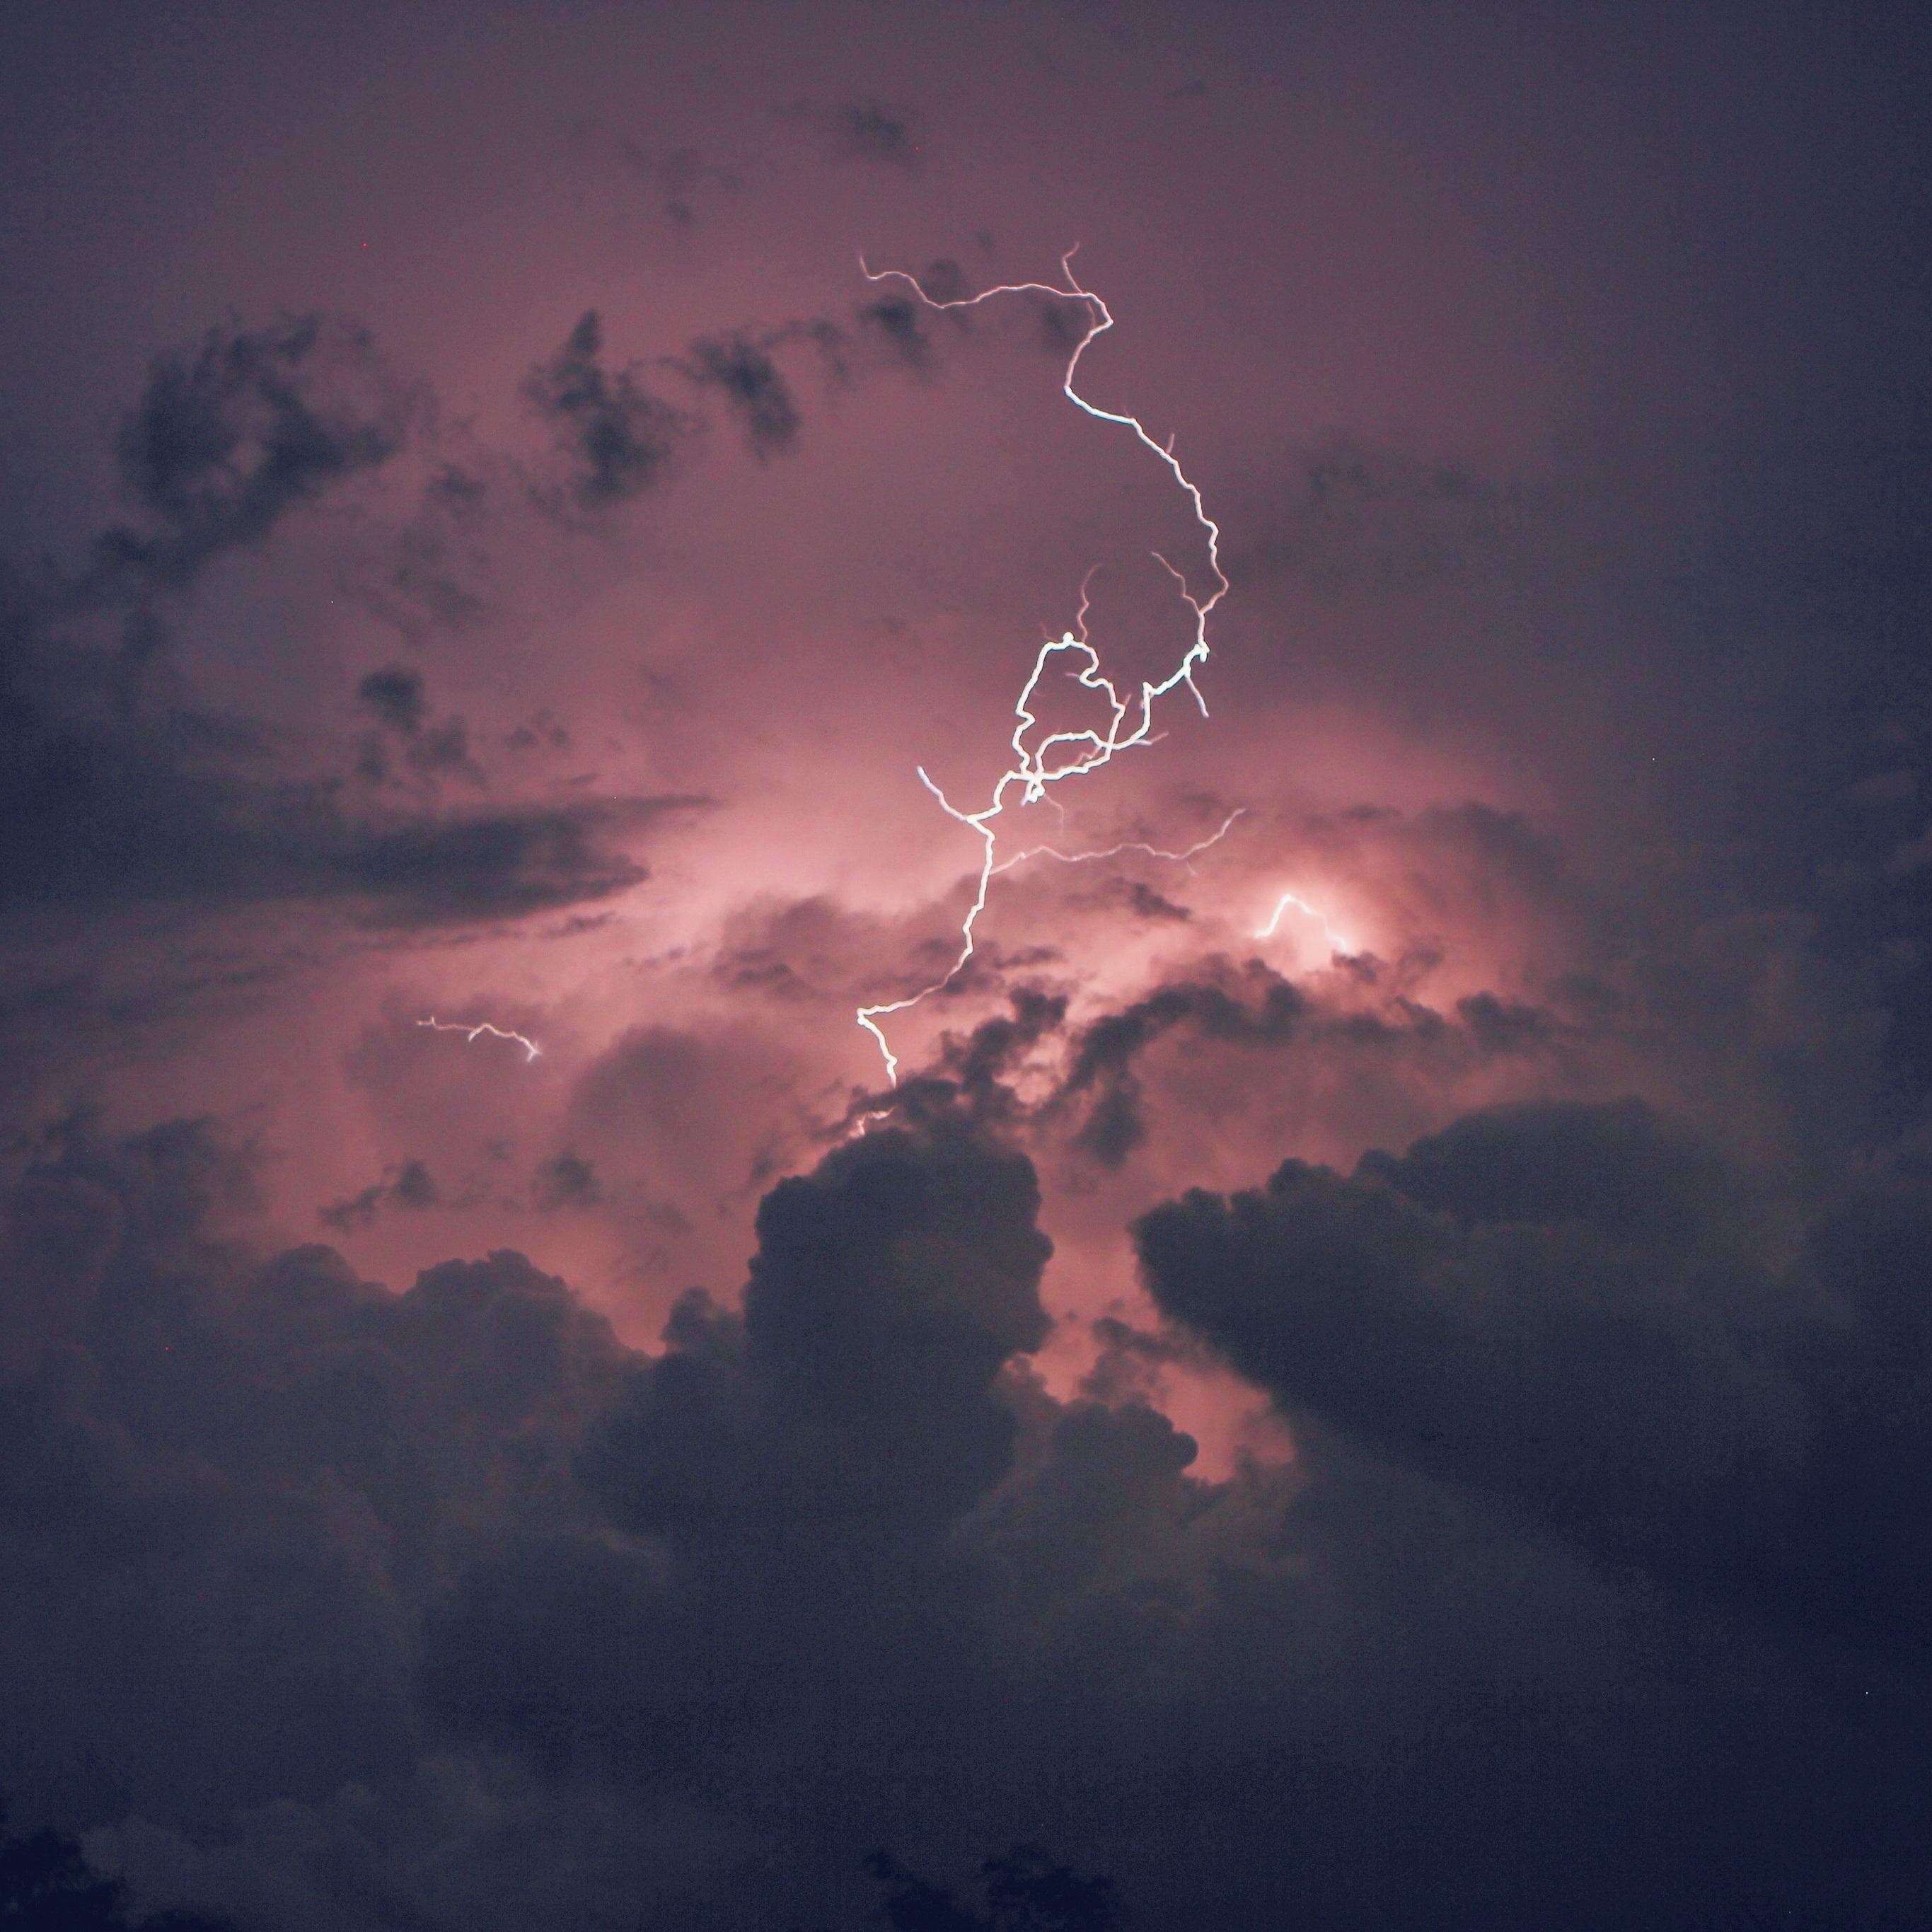 Lightning strikes in cumulus / cumulonimbus clouds, but no ... |Cumulus Clouds Lightning